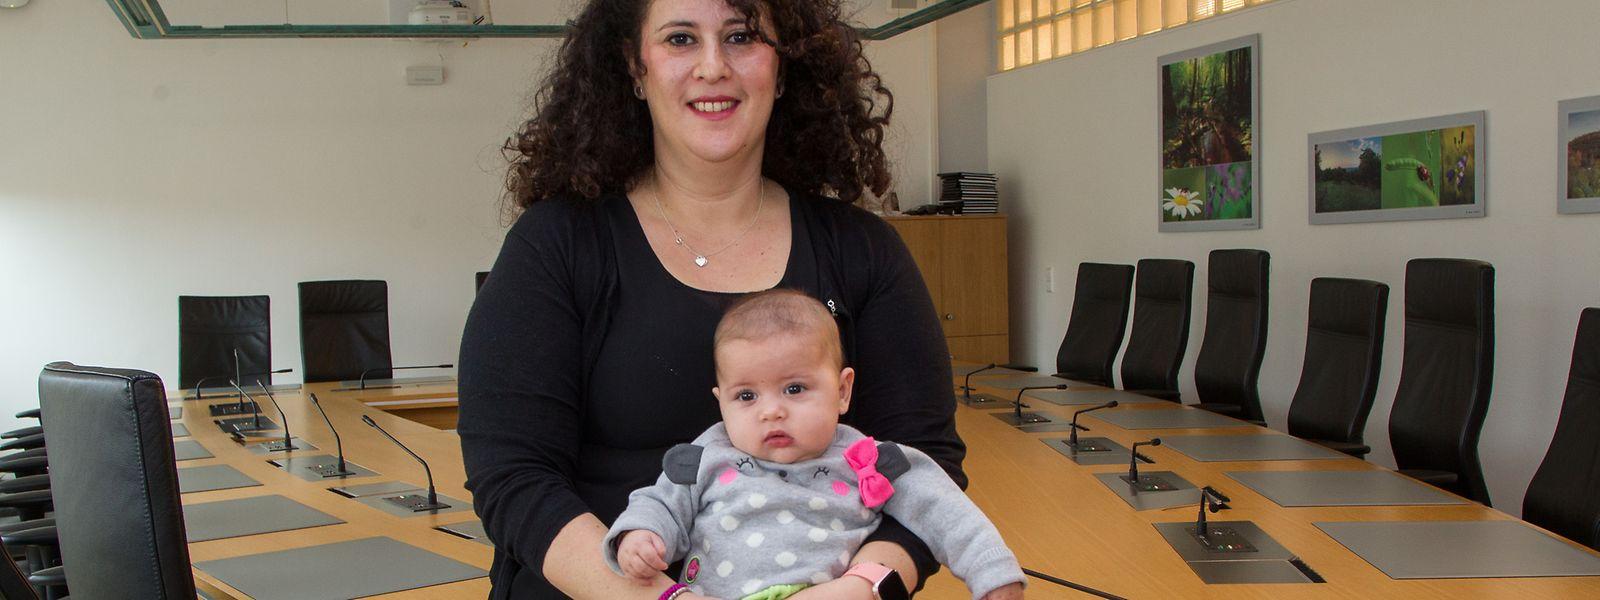 Ihr Baby für die politische Selbstverwirklichung hinten anzustellen, kam für Déi-Gréng-Politikerin Laura Pregno nicht infrage.